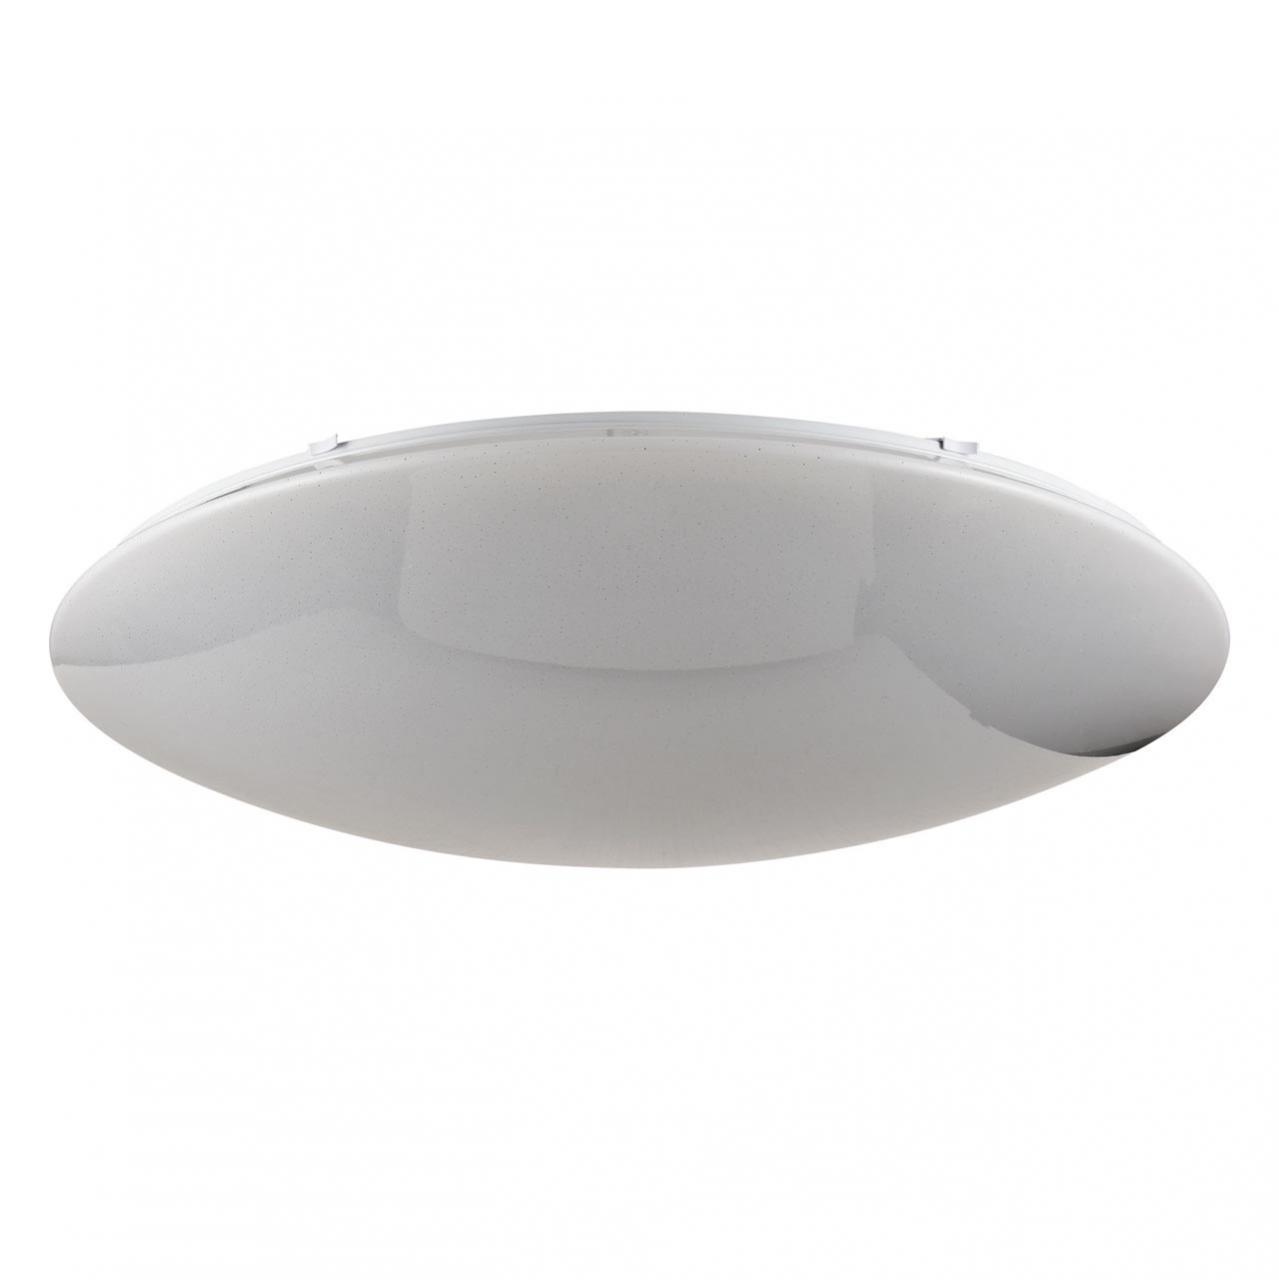 Потолочный светодиодный светильник Freya Gloria FR6999-CL-75-W накладной светильник gloria fr6999 cl 30 w